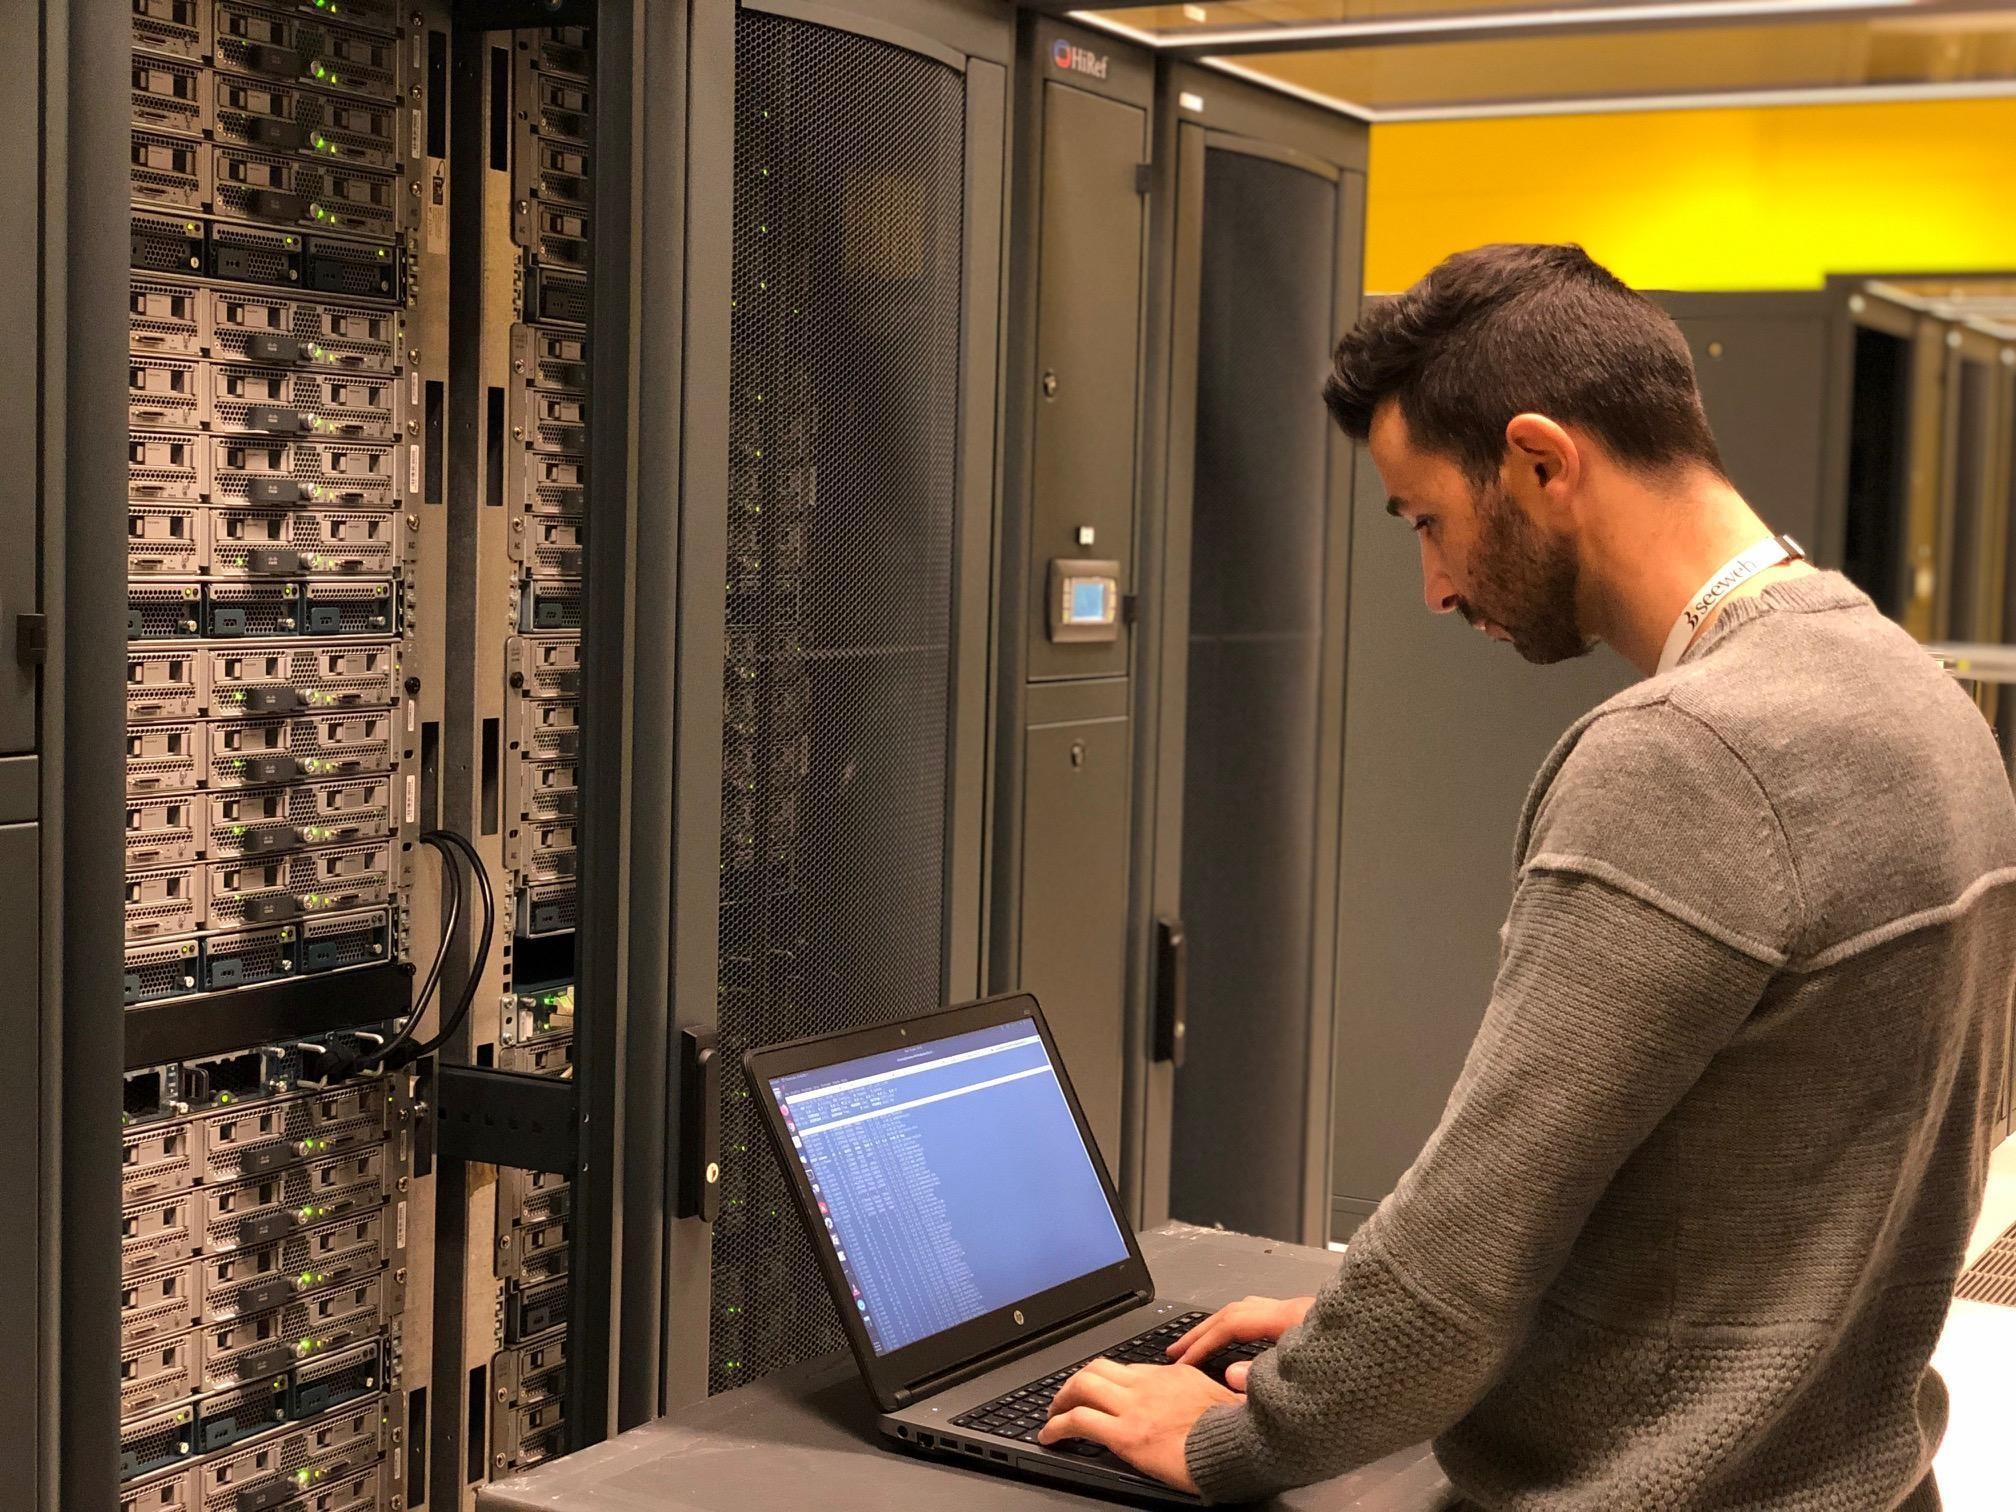 Seeweb, il ruolo del backup nel business moderno